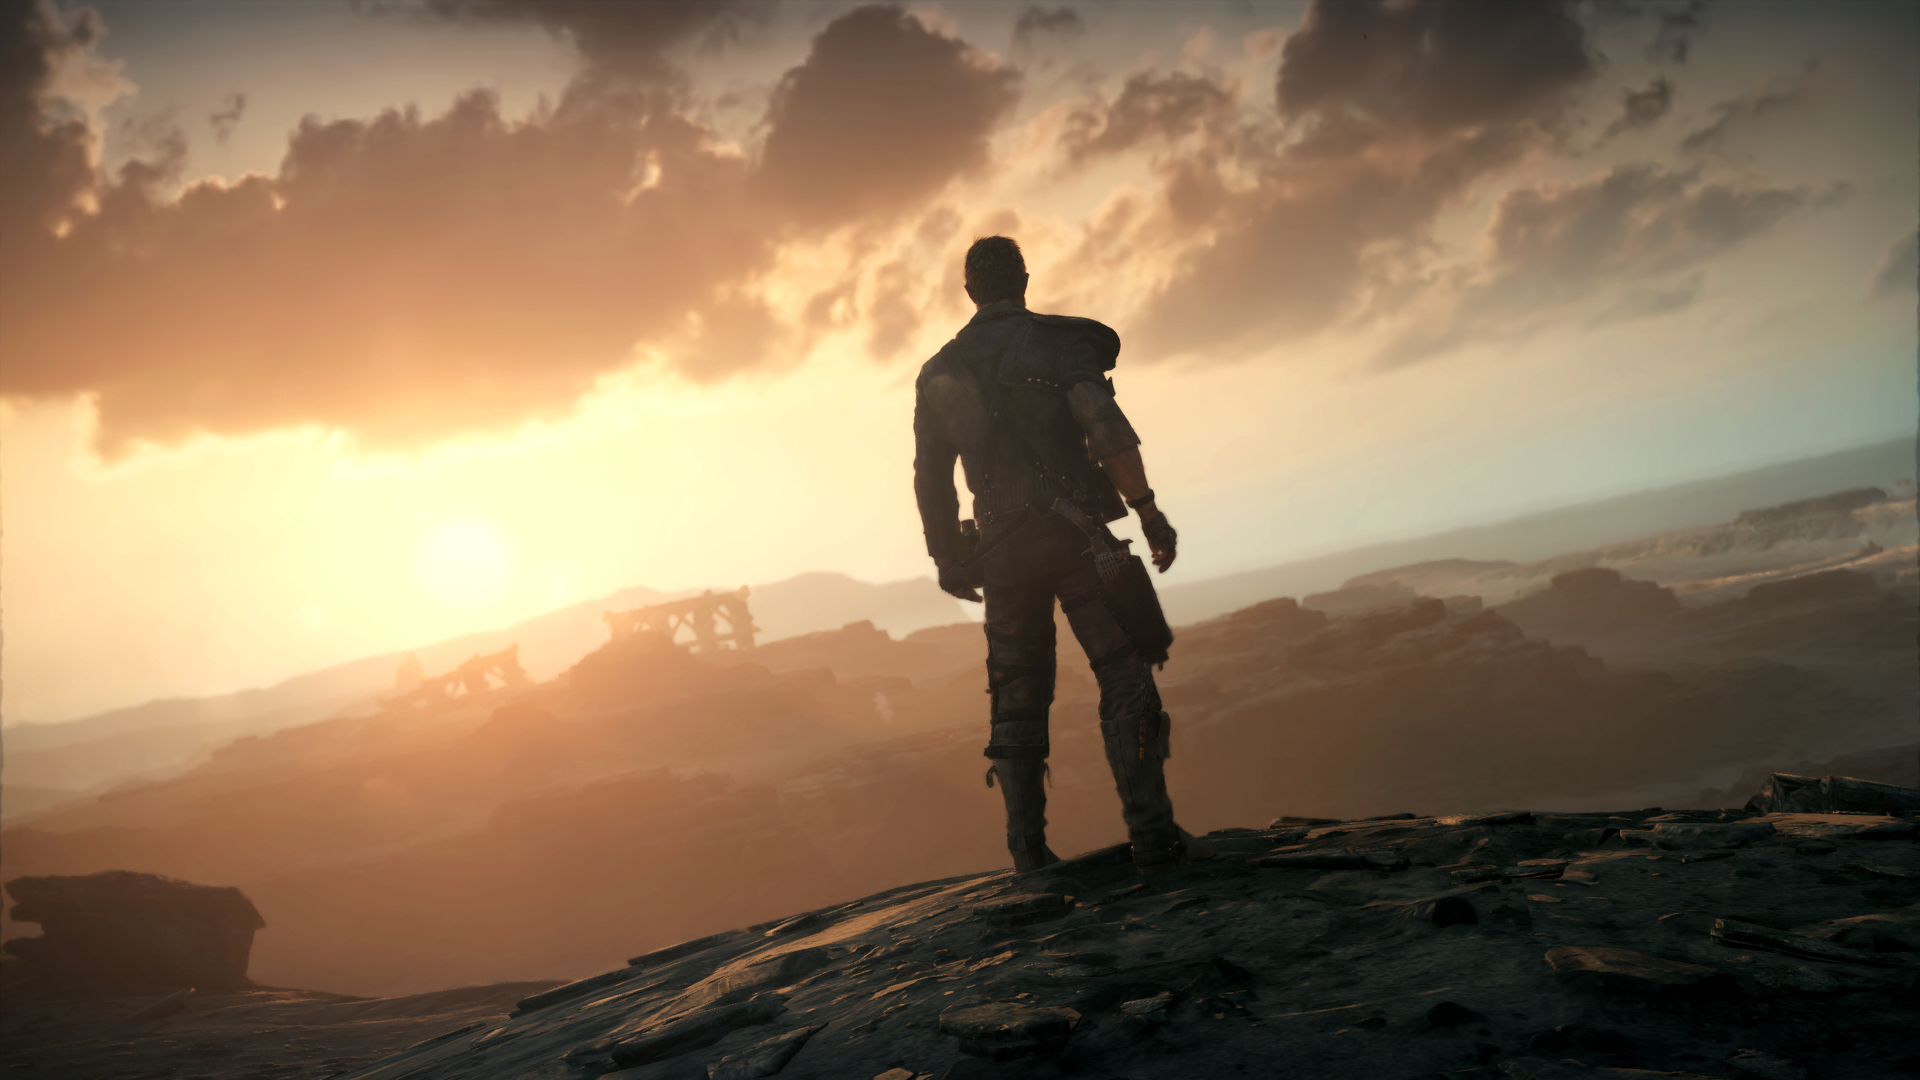 Obrazem: Post-apokalyptická pustina z akce Mad Max 108276